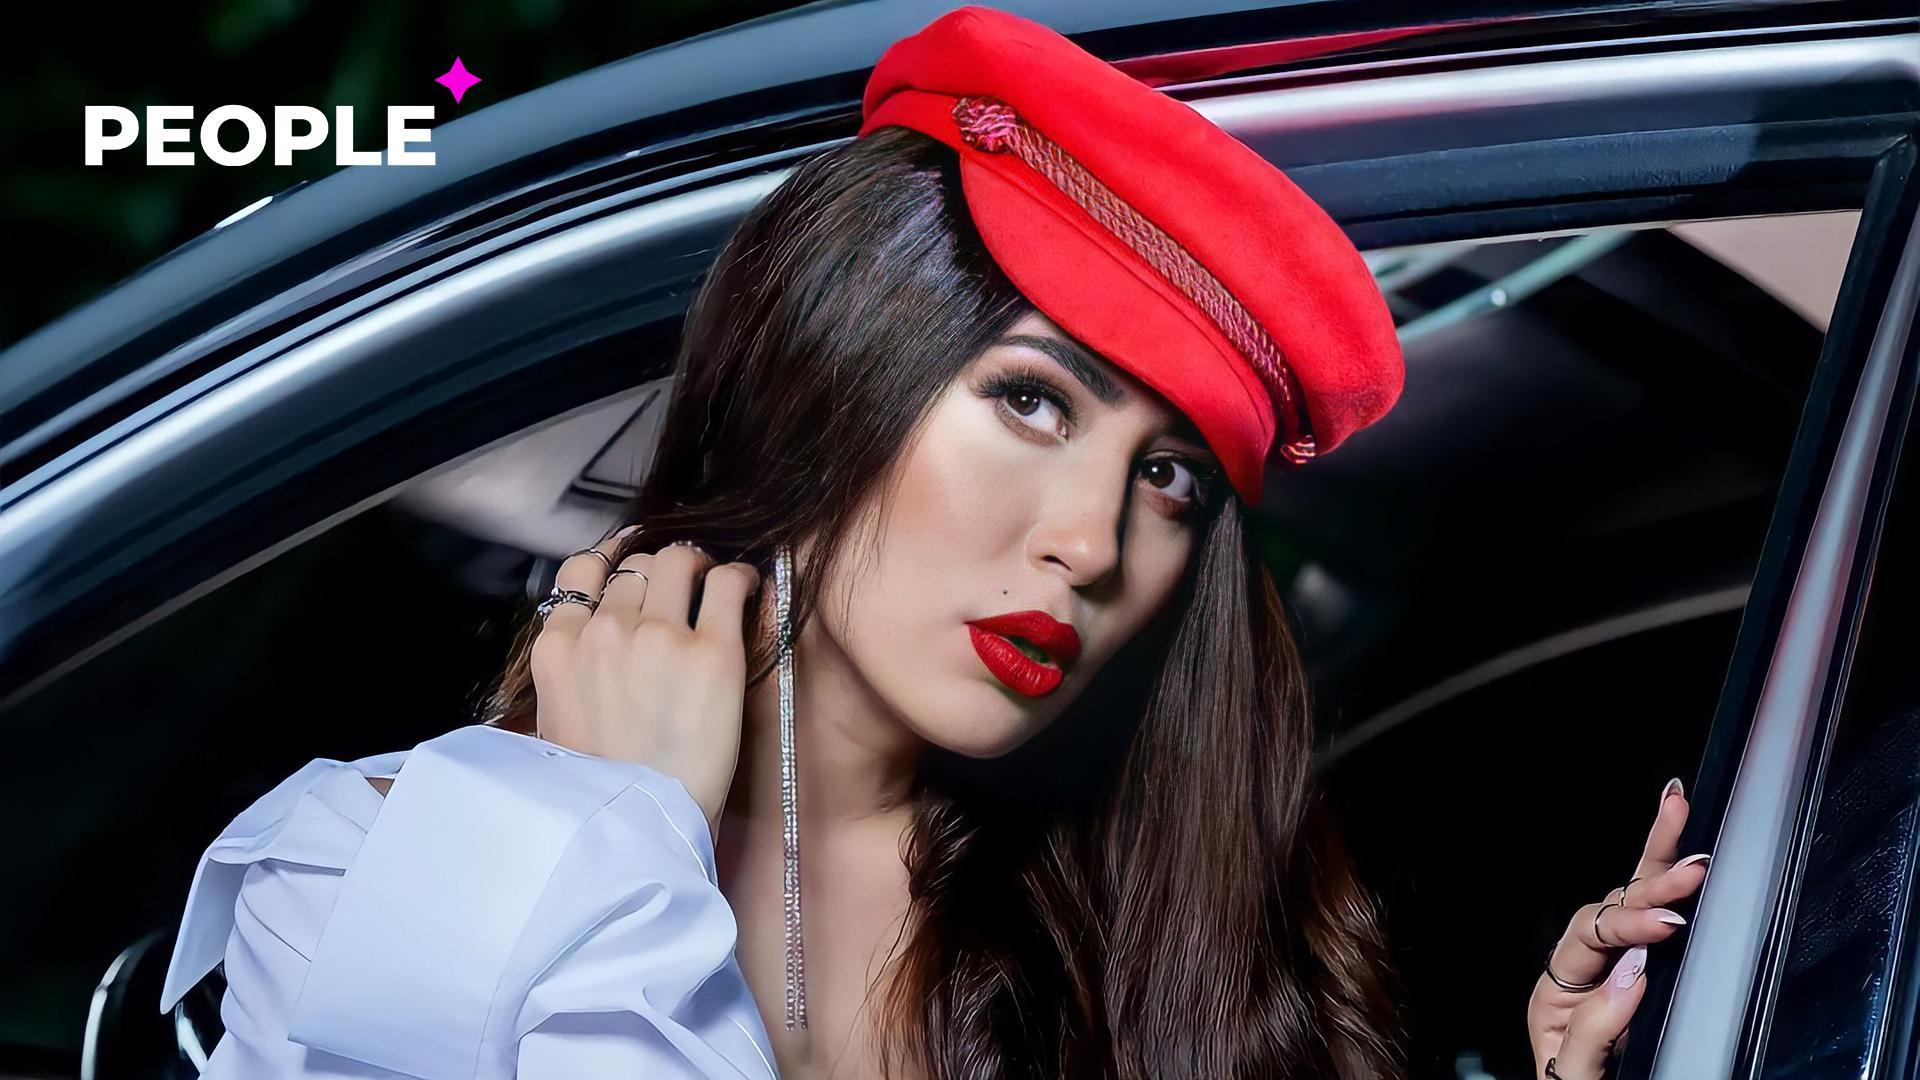 «Красивые девушки бывают высокомерными»: певица Каниза высказалась, на тему современных стандартов красоты